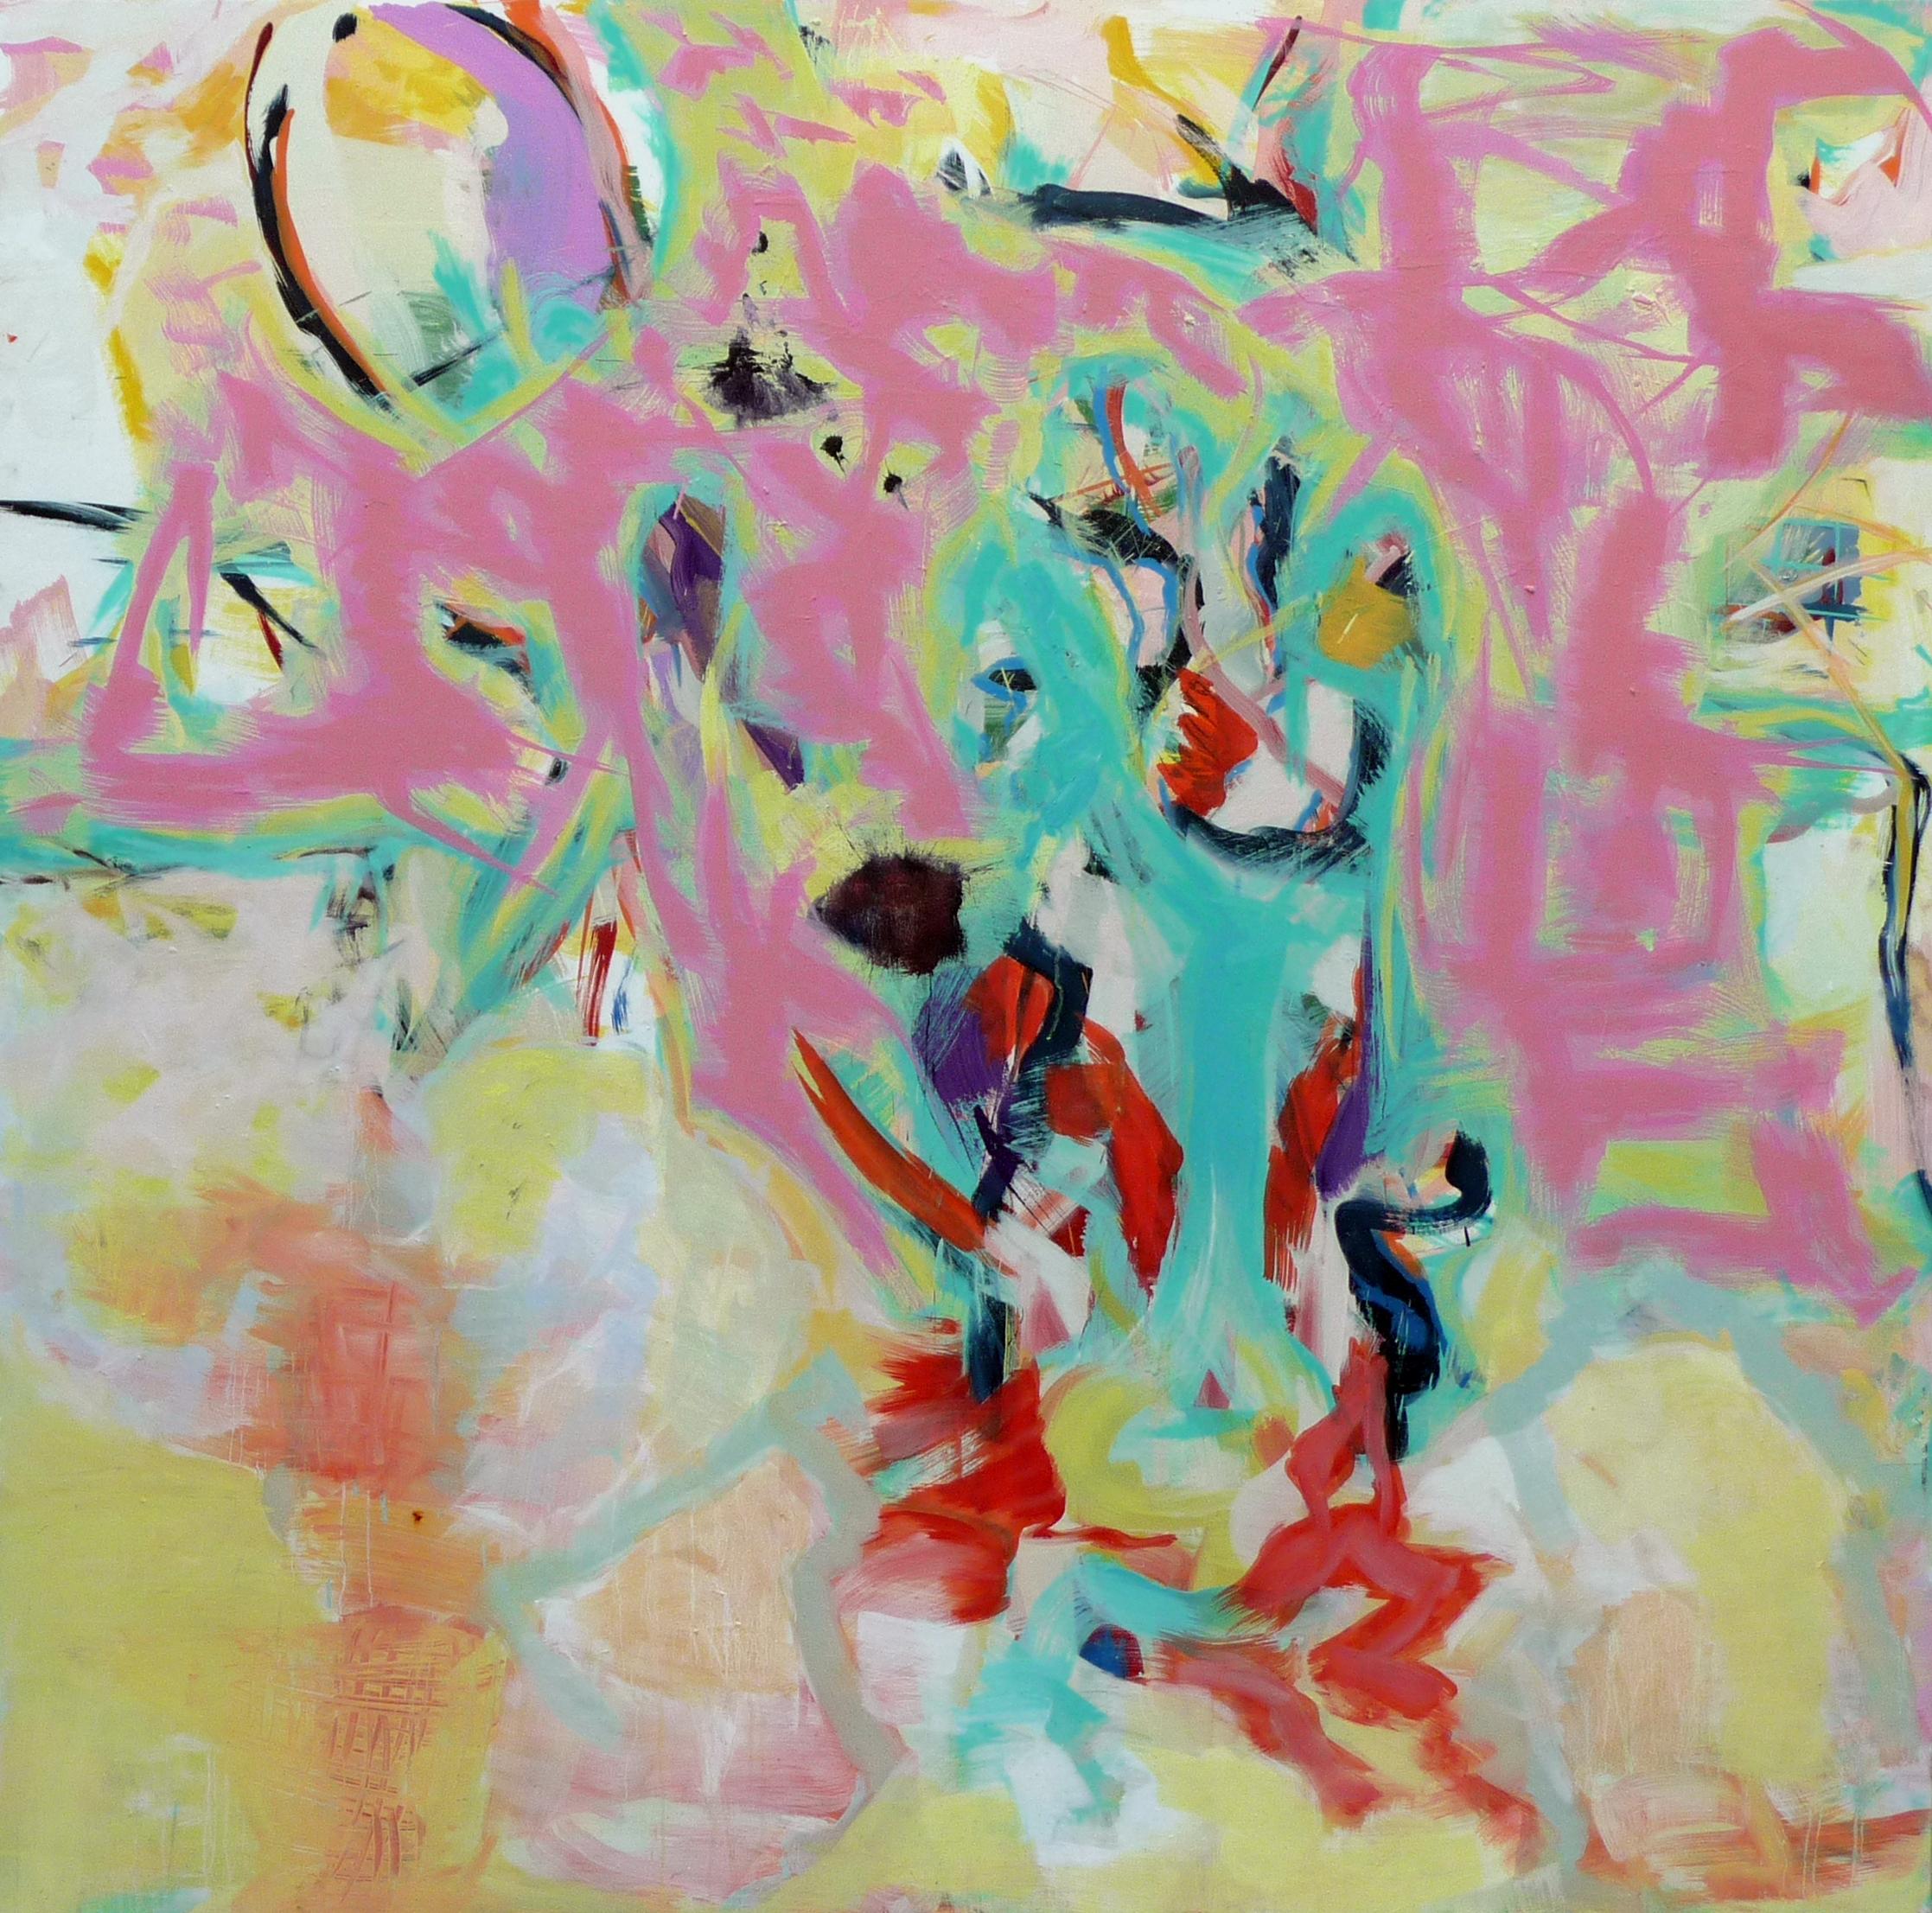 Z.t., Oil on wood, 153 x 153 cm